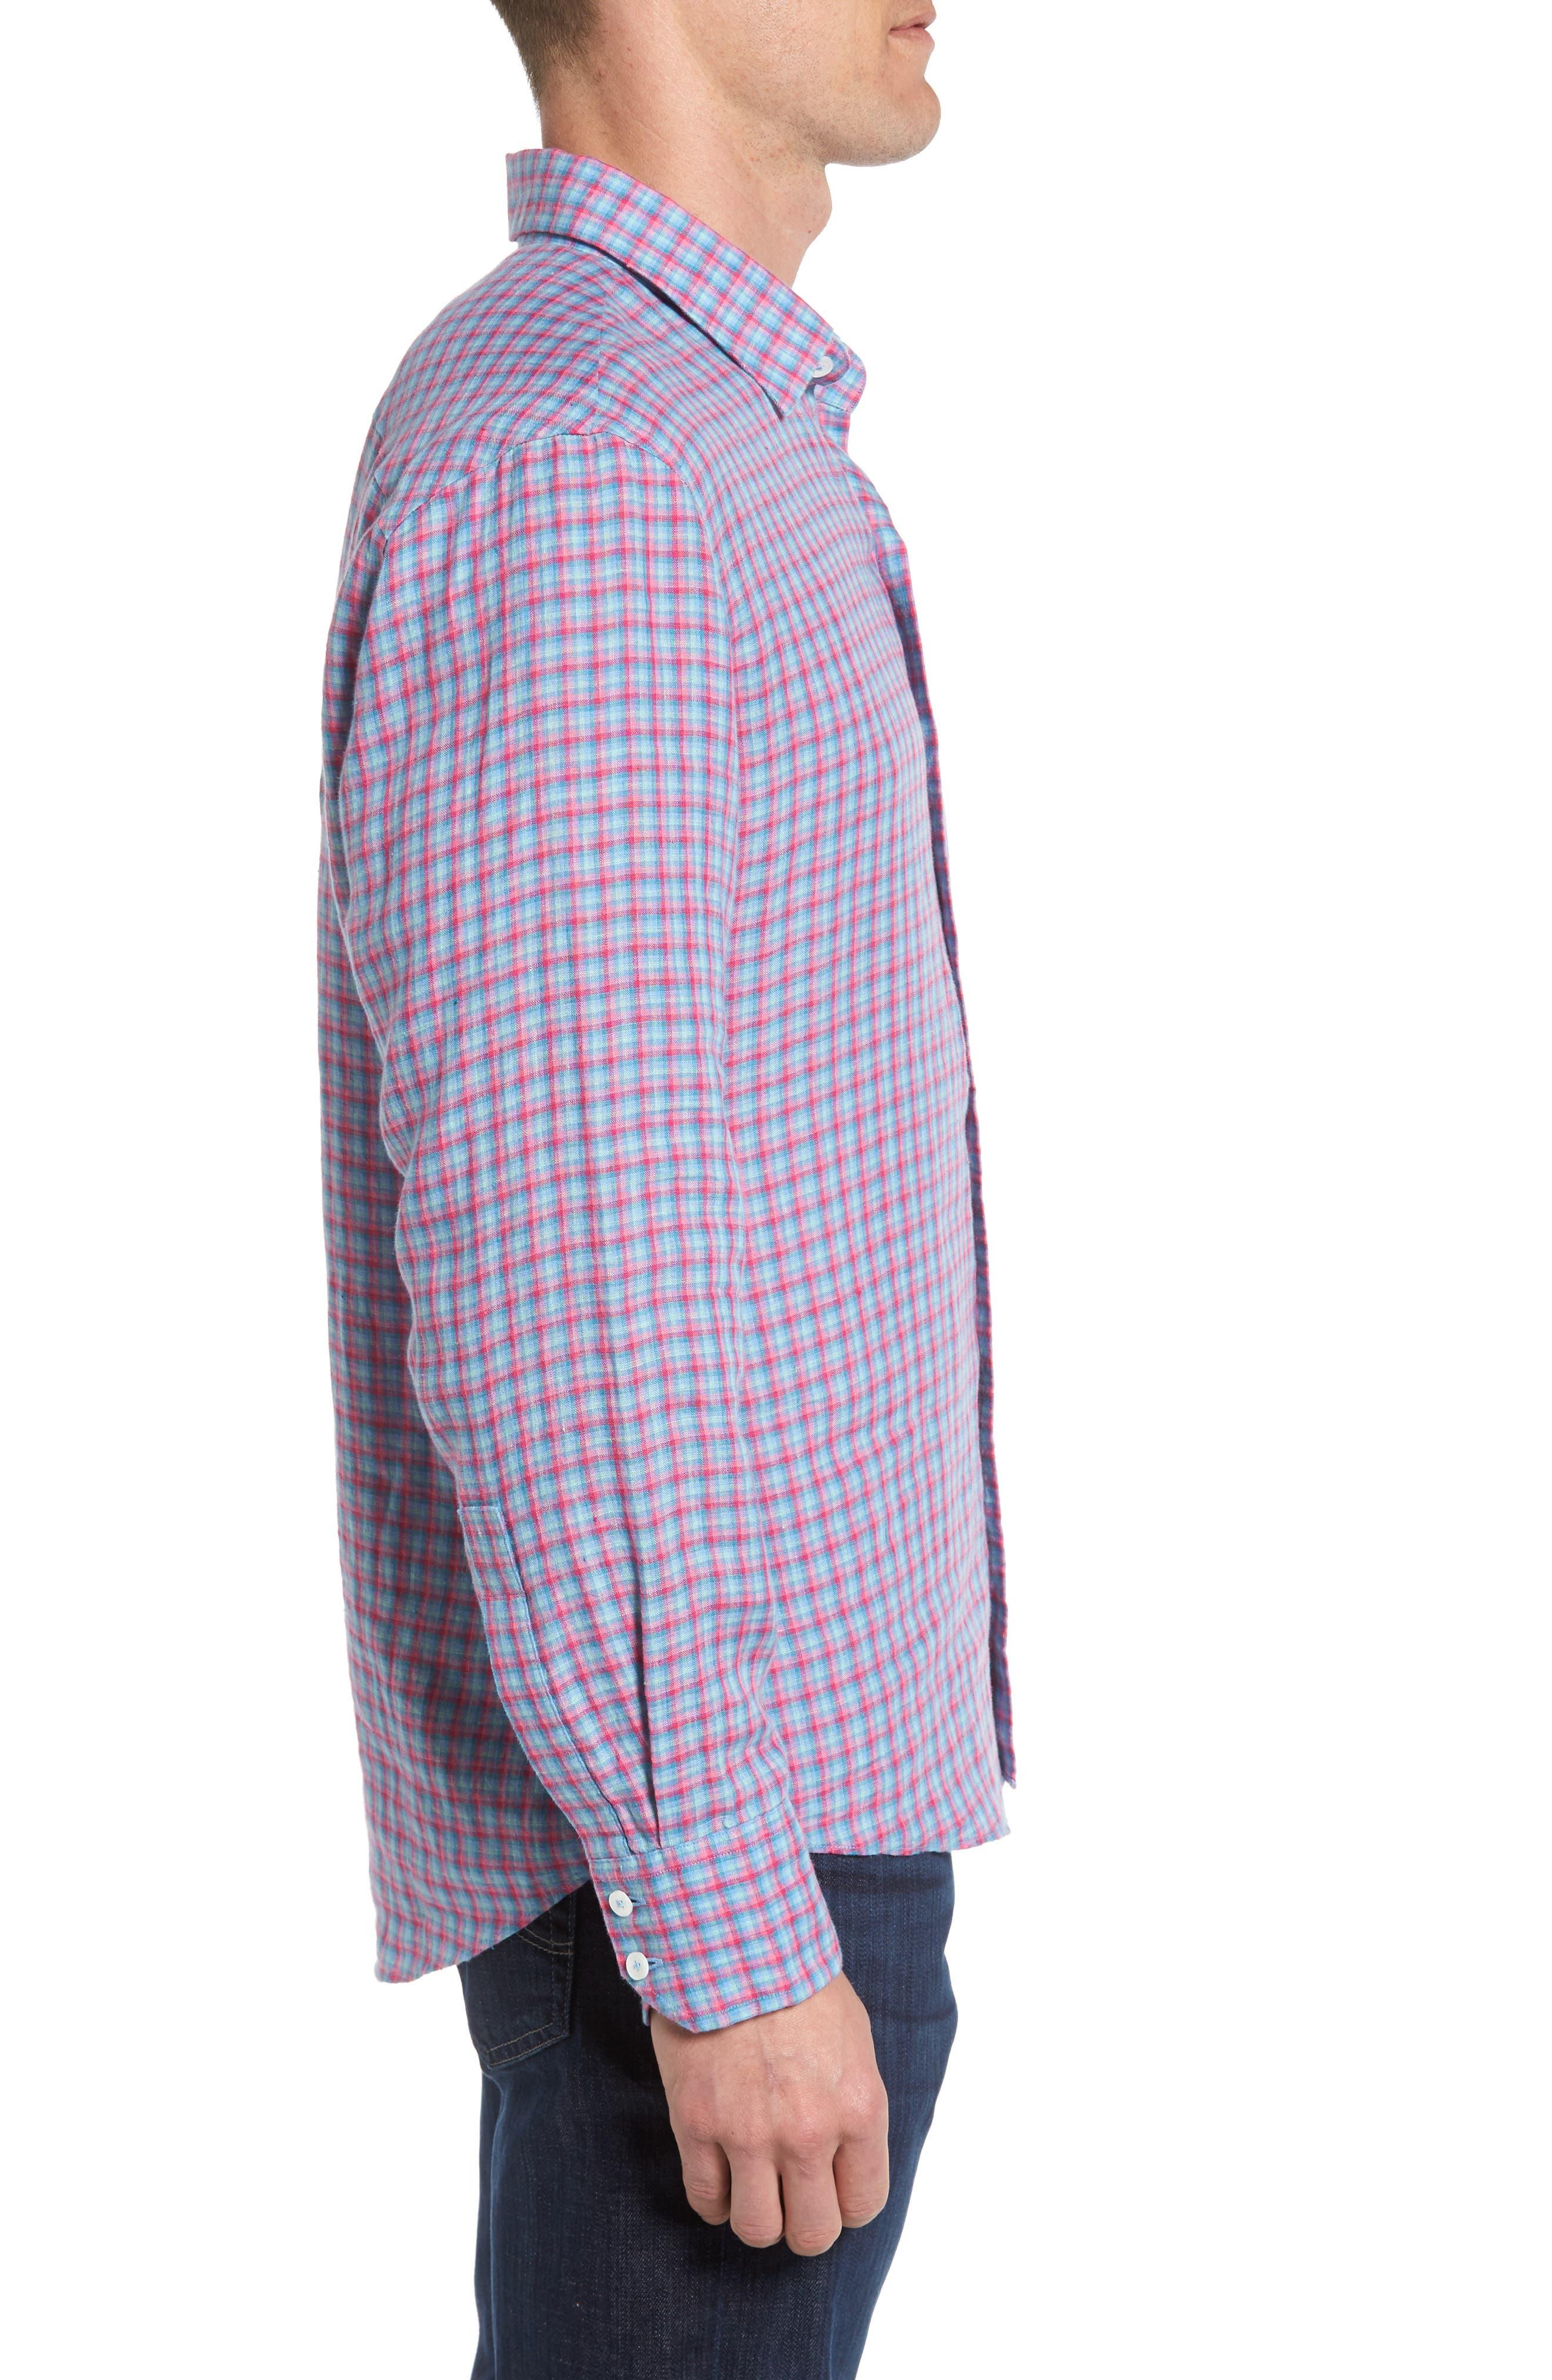 Althoff Plaid Linen Sport Shirt,                             Alternate thumbnail 3, color,                             PINK